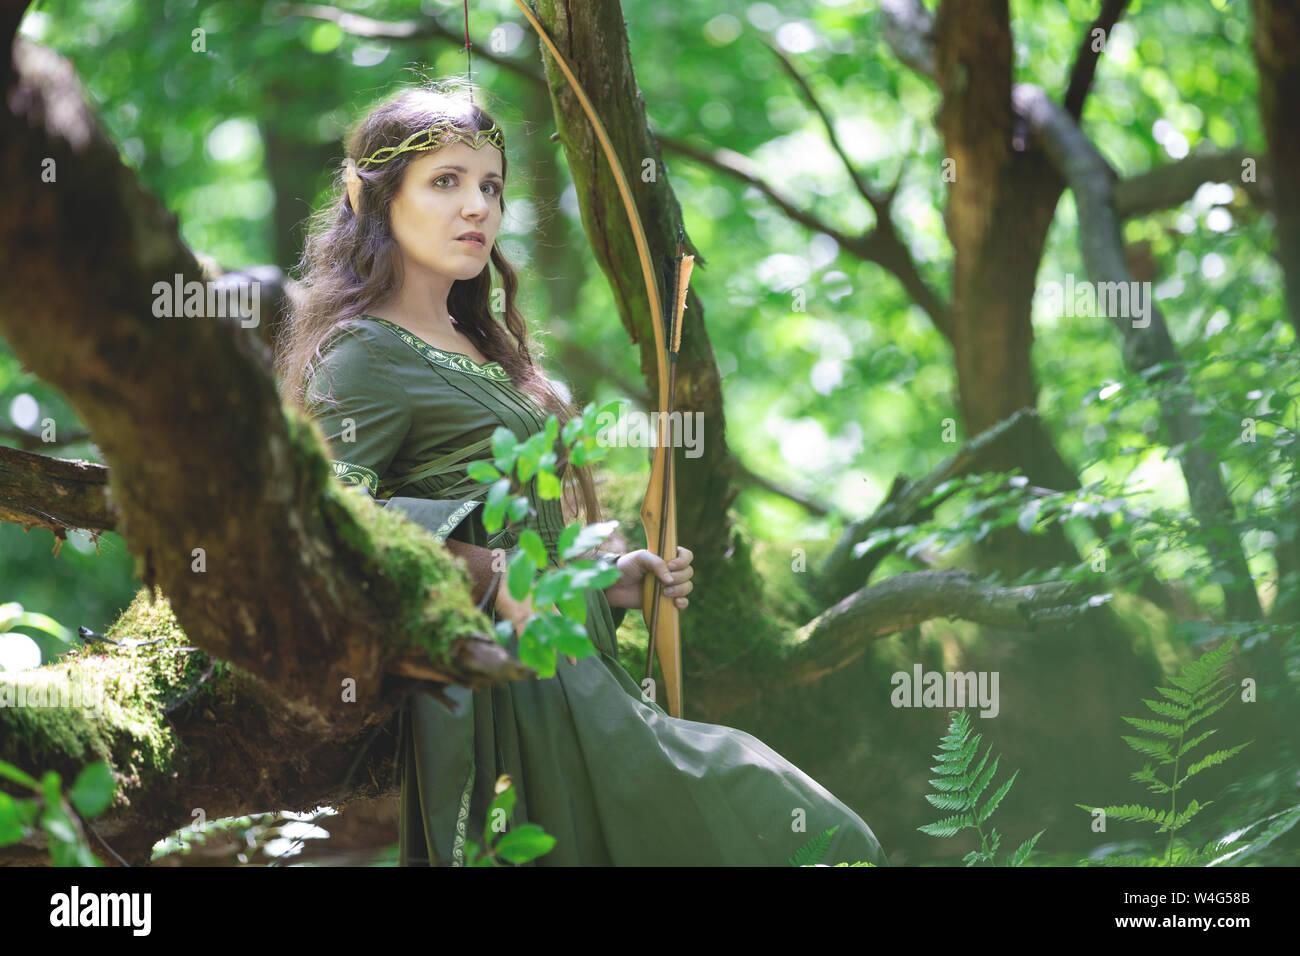 Elf archer à l'arc dans la forêt Banque D'Images